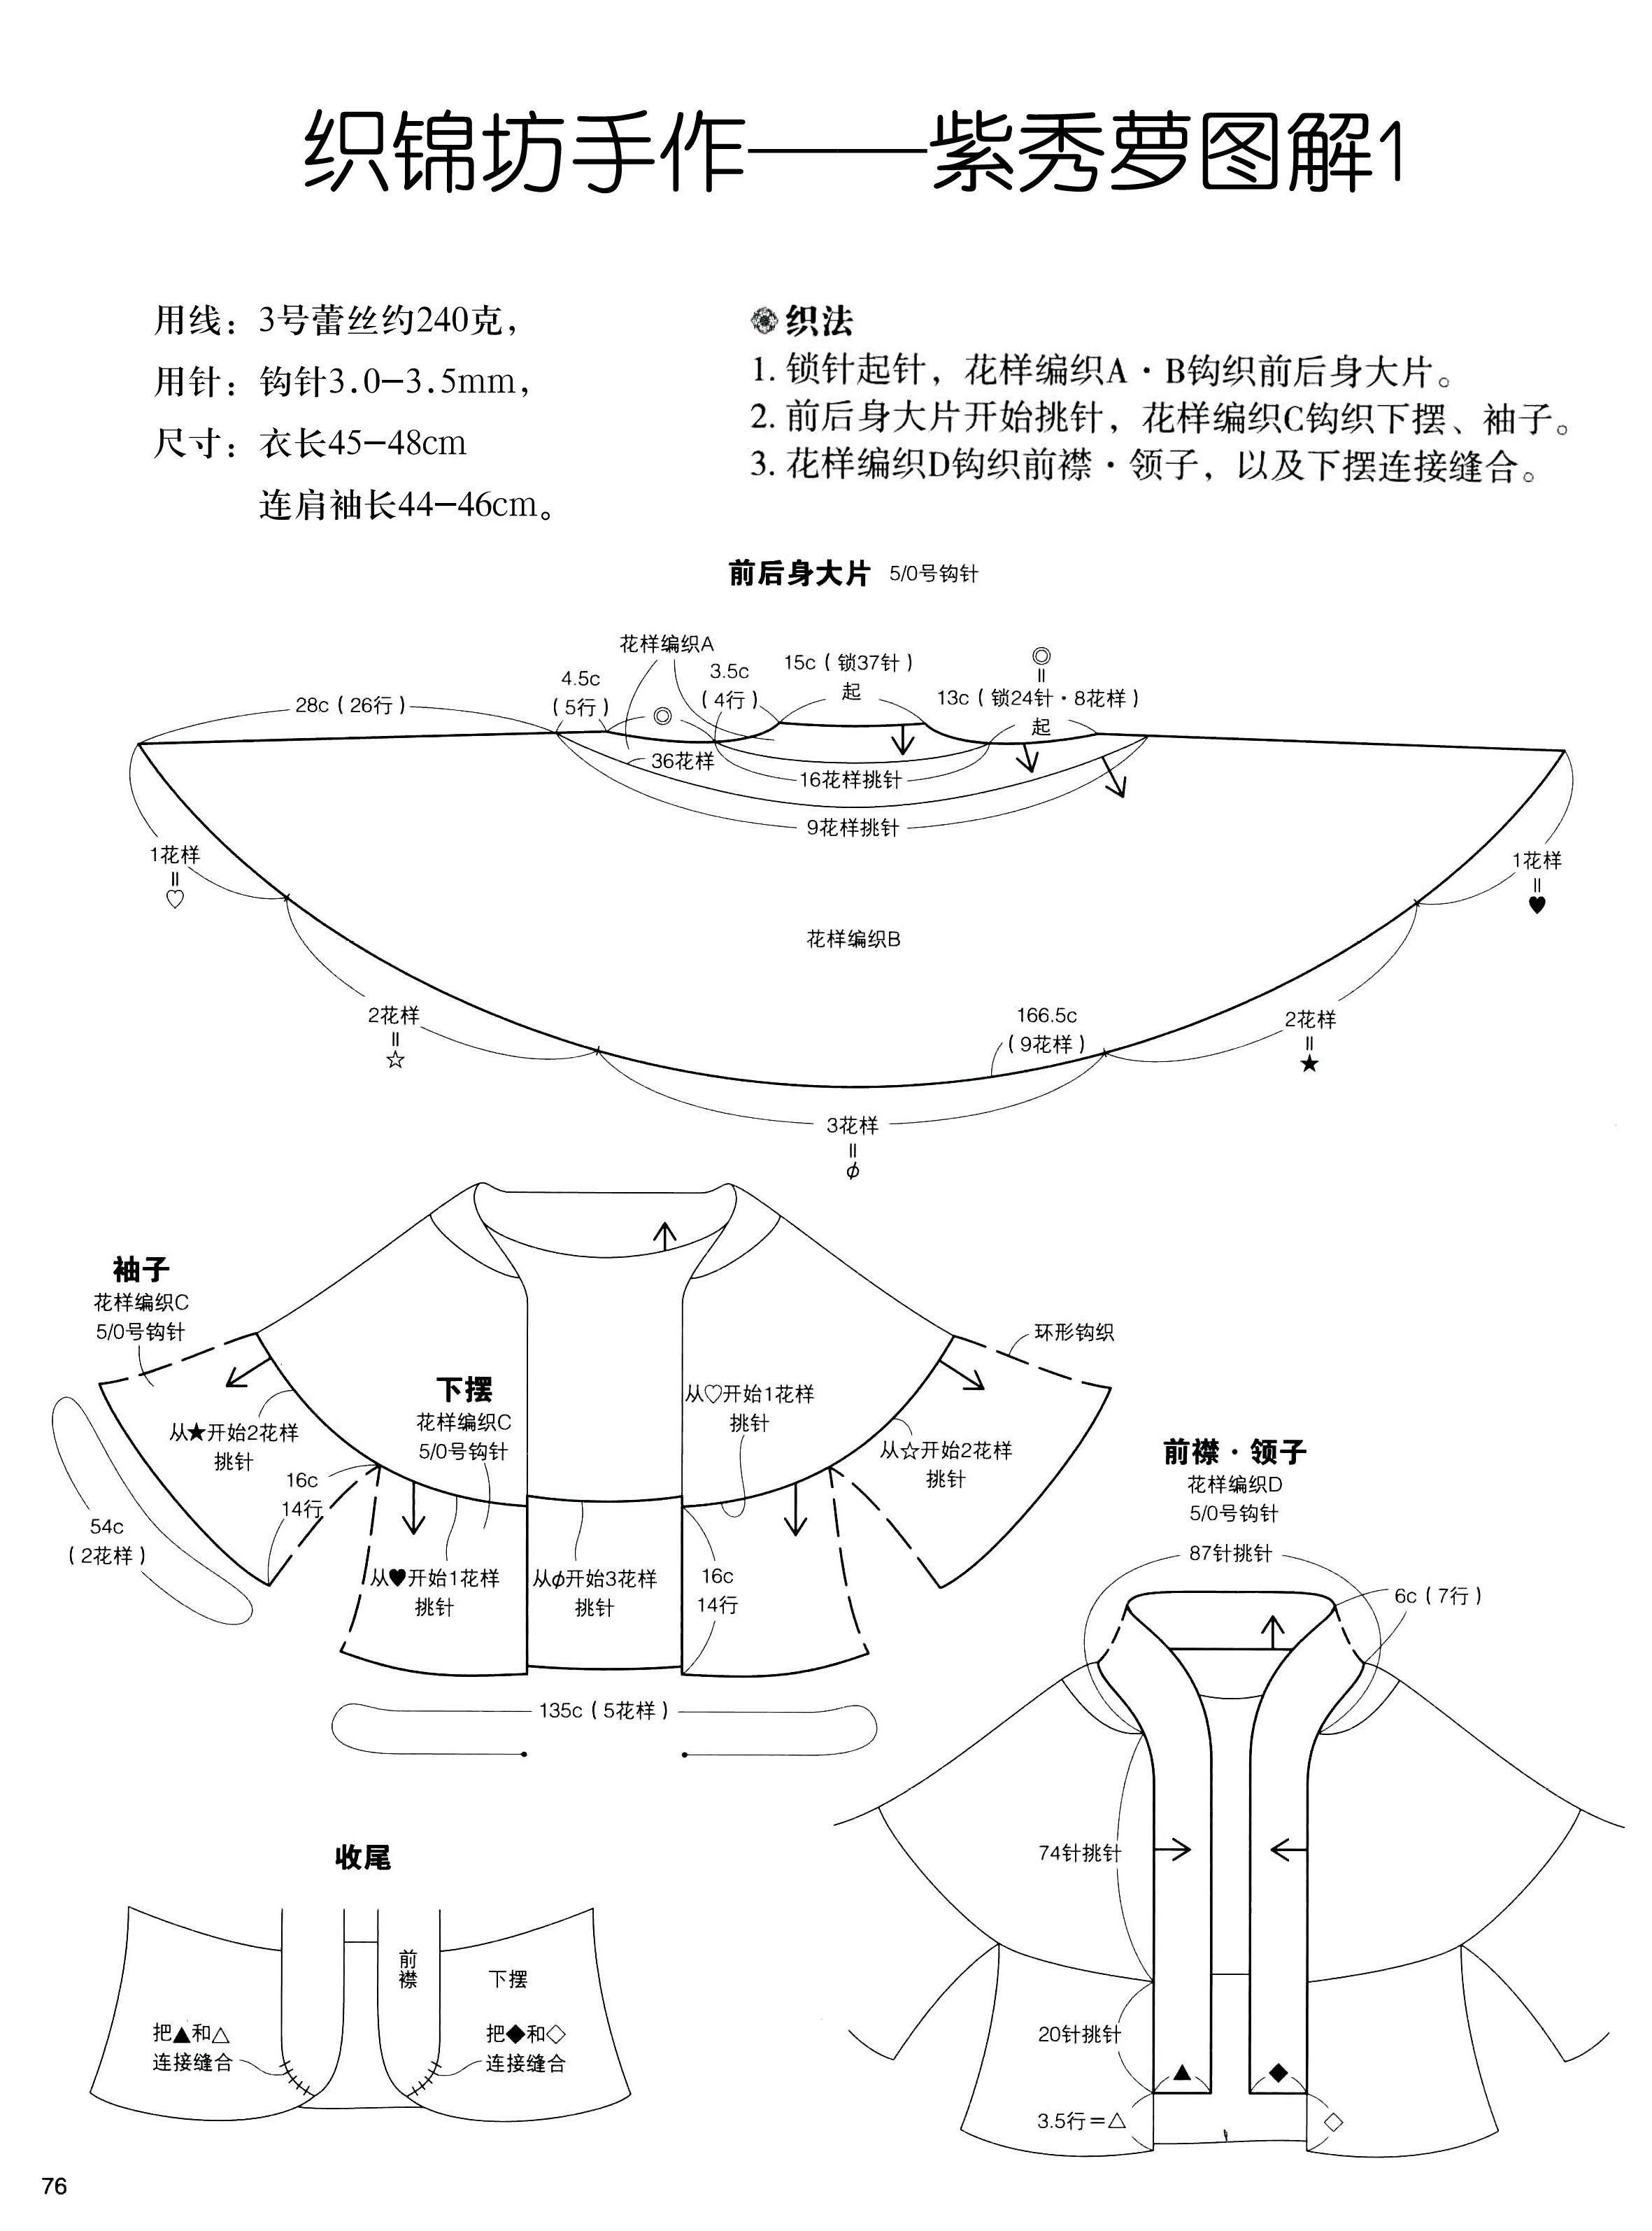 图解1-1.jpg